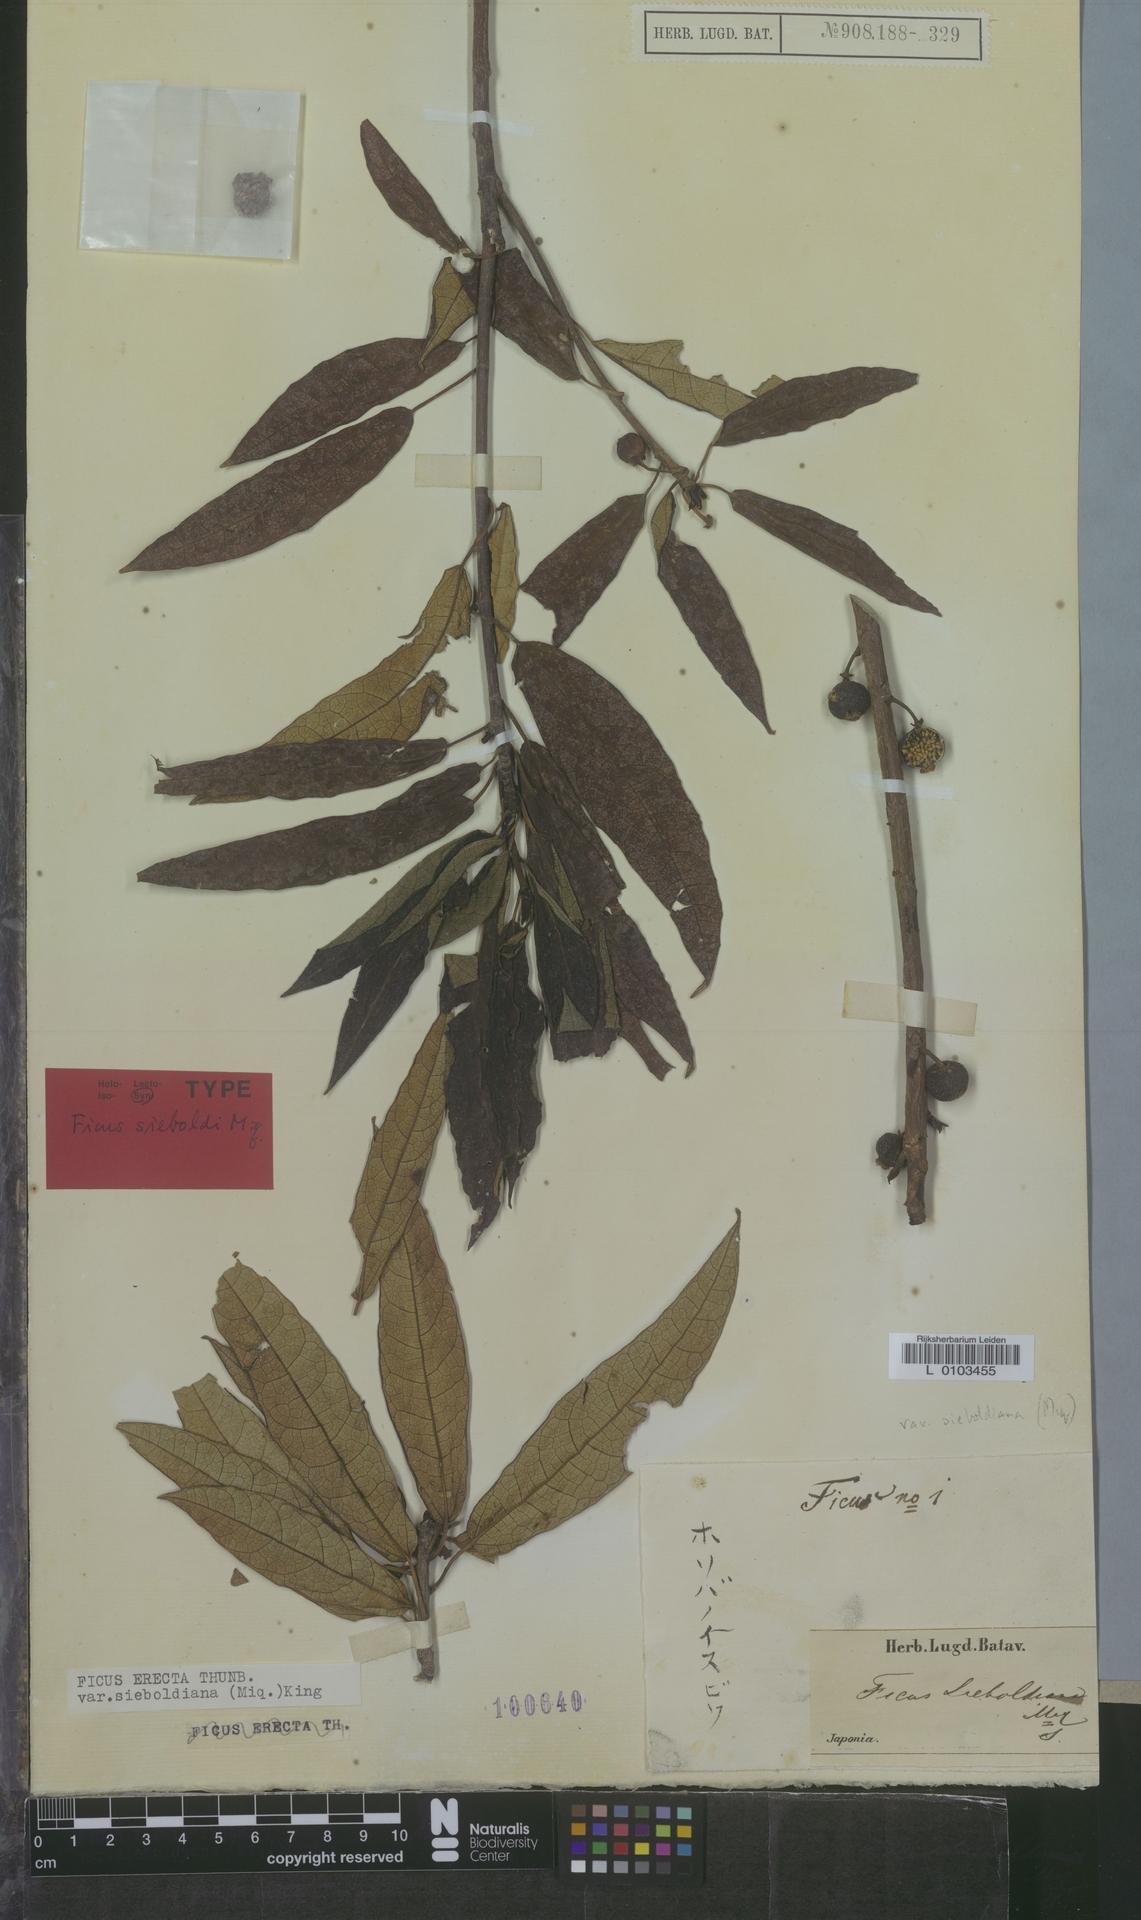 L  0103455 | Ficus erecta var. sieboldiana (Miq.) King